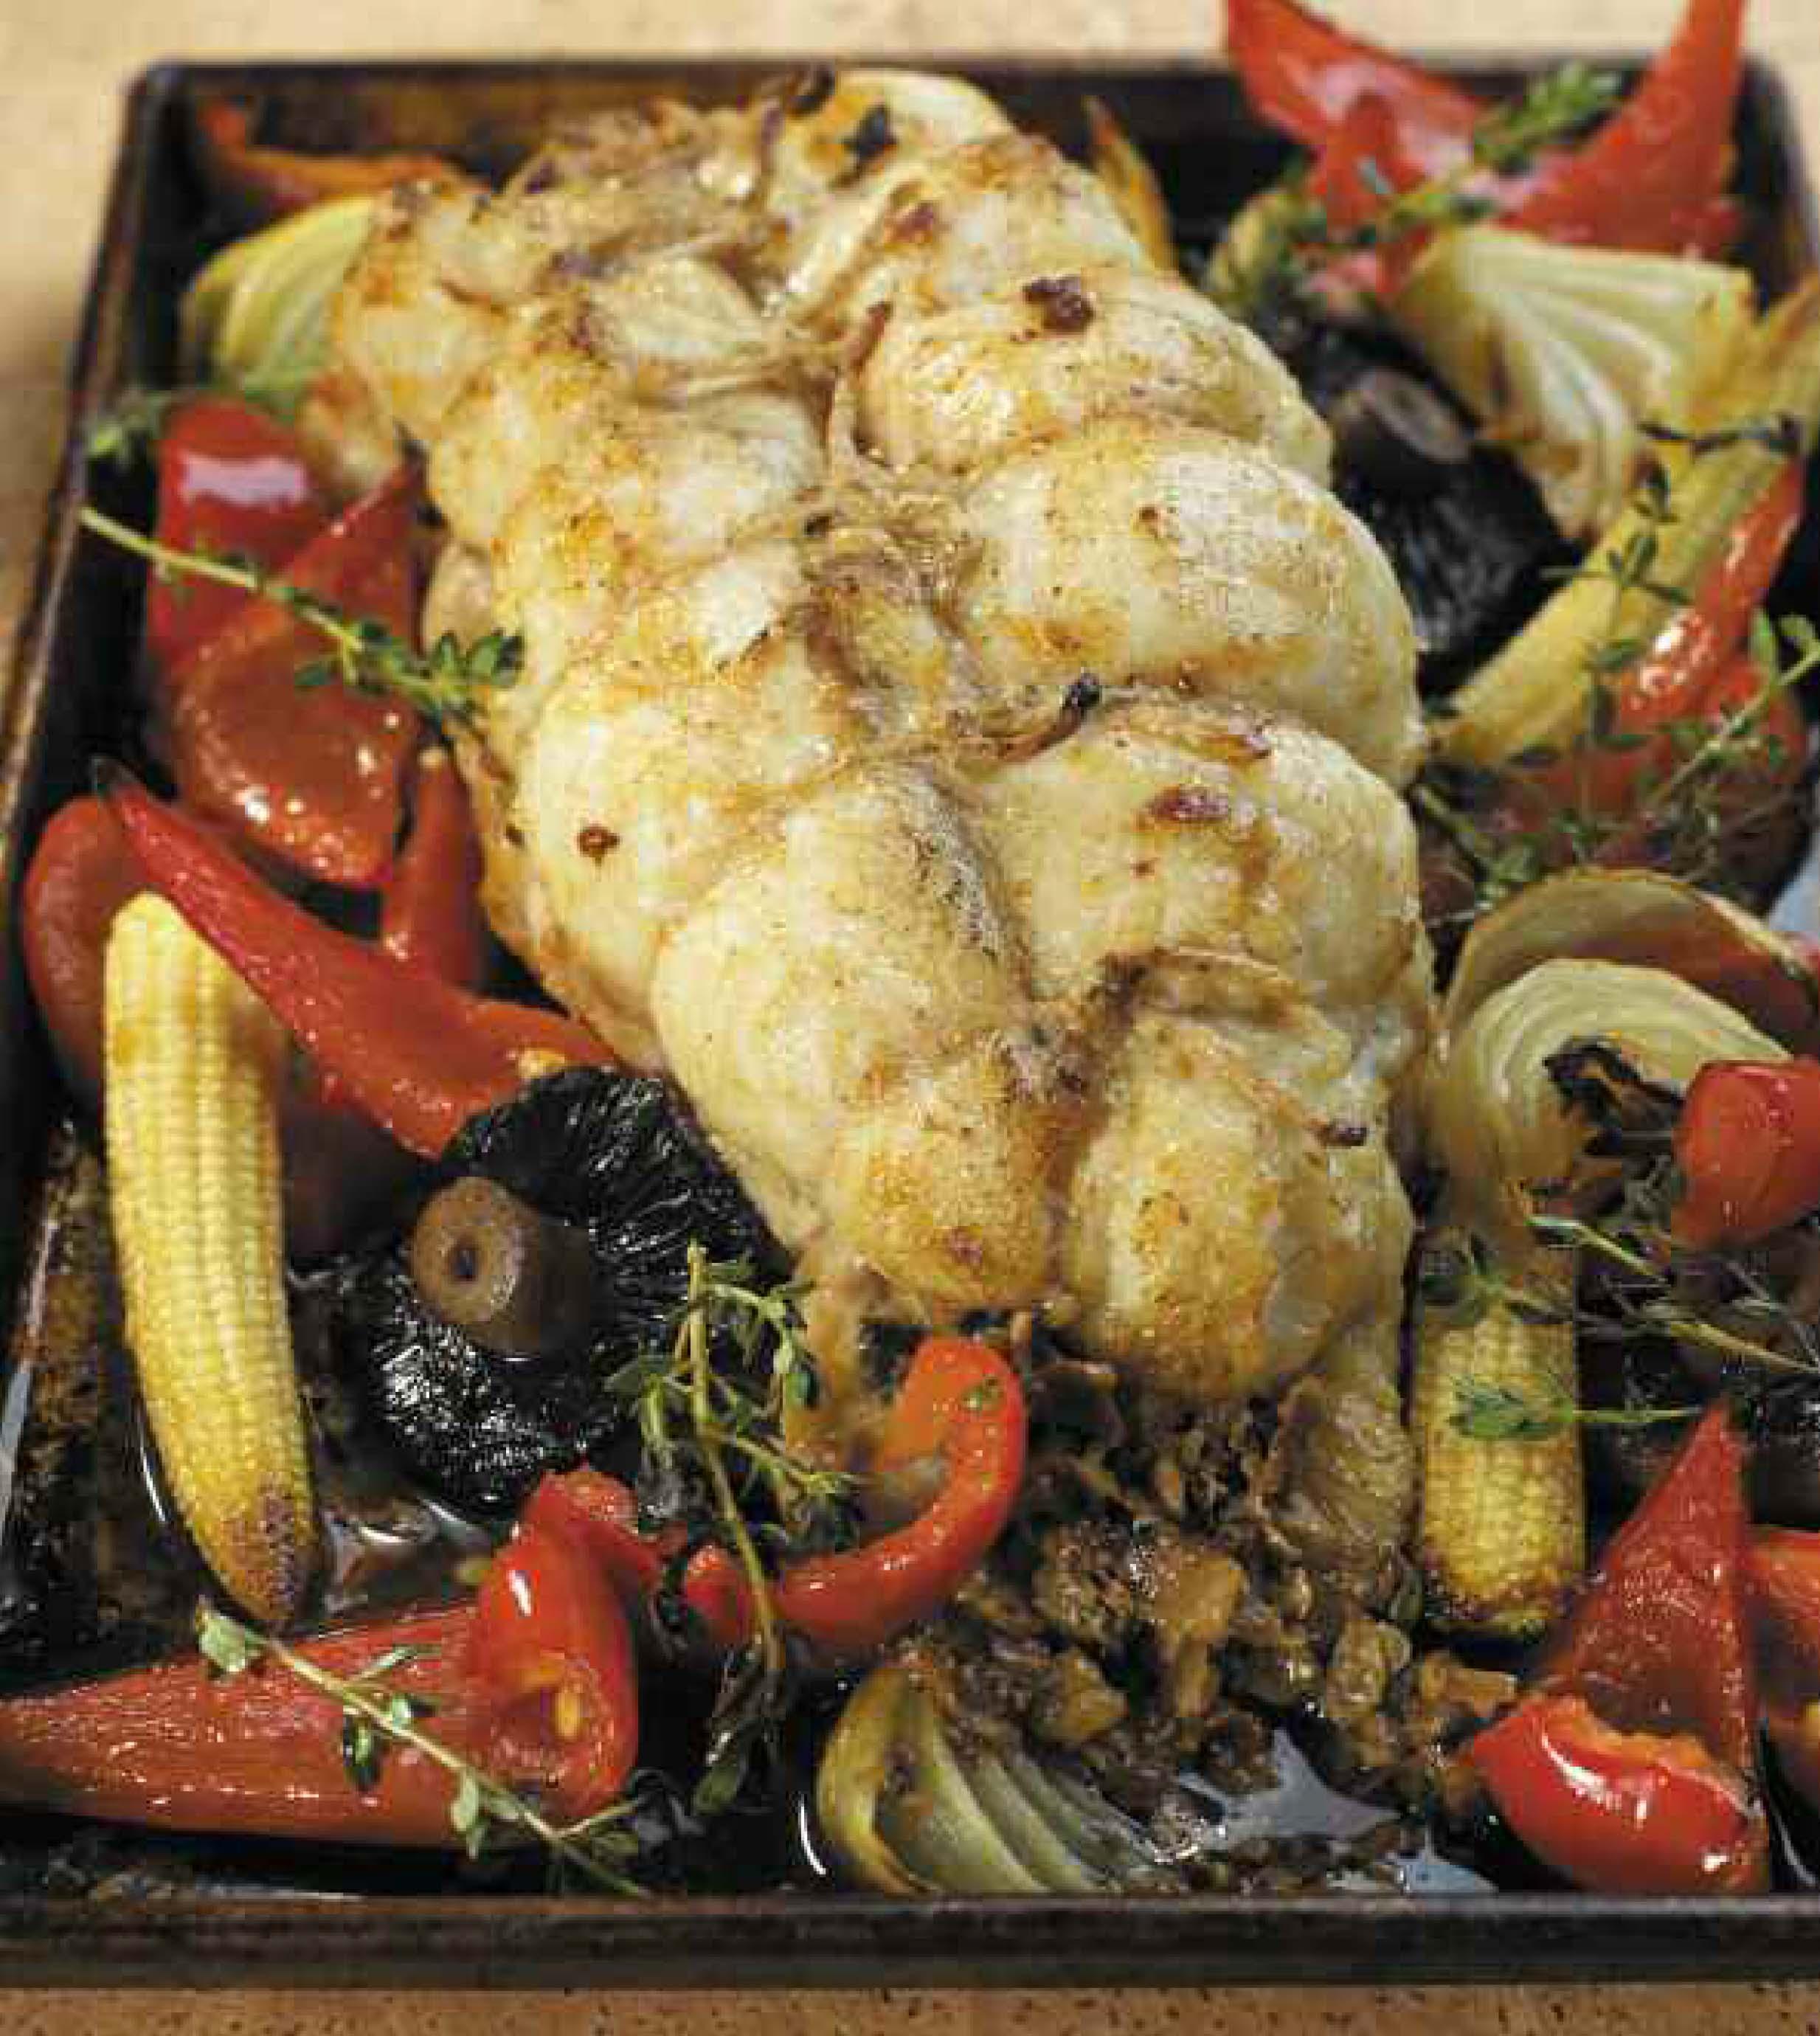 Rana pescatrice coda di rospo ripiena al forno il for Cucinare rana pescatrice